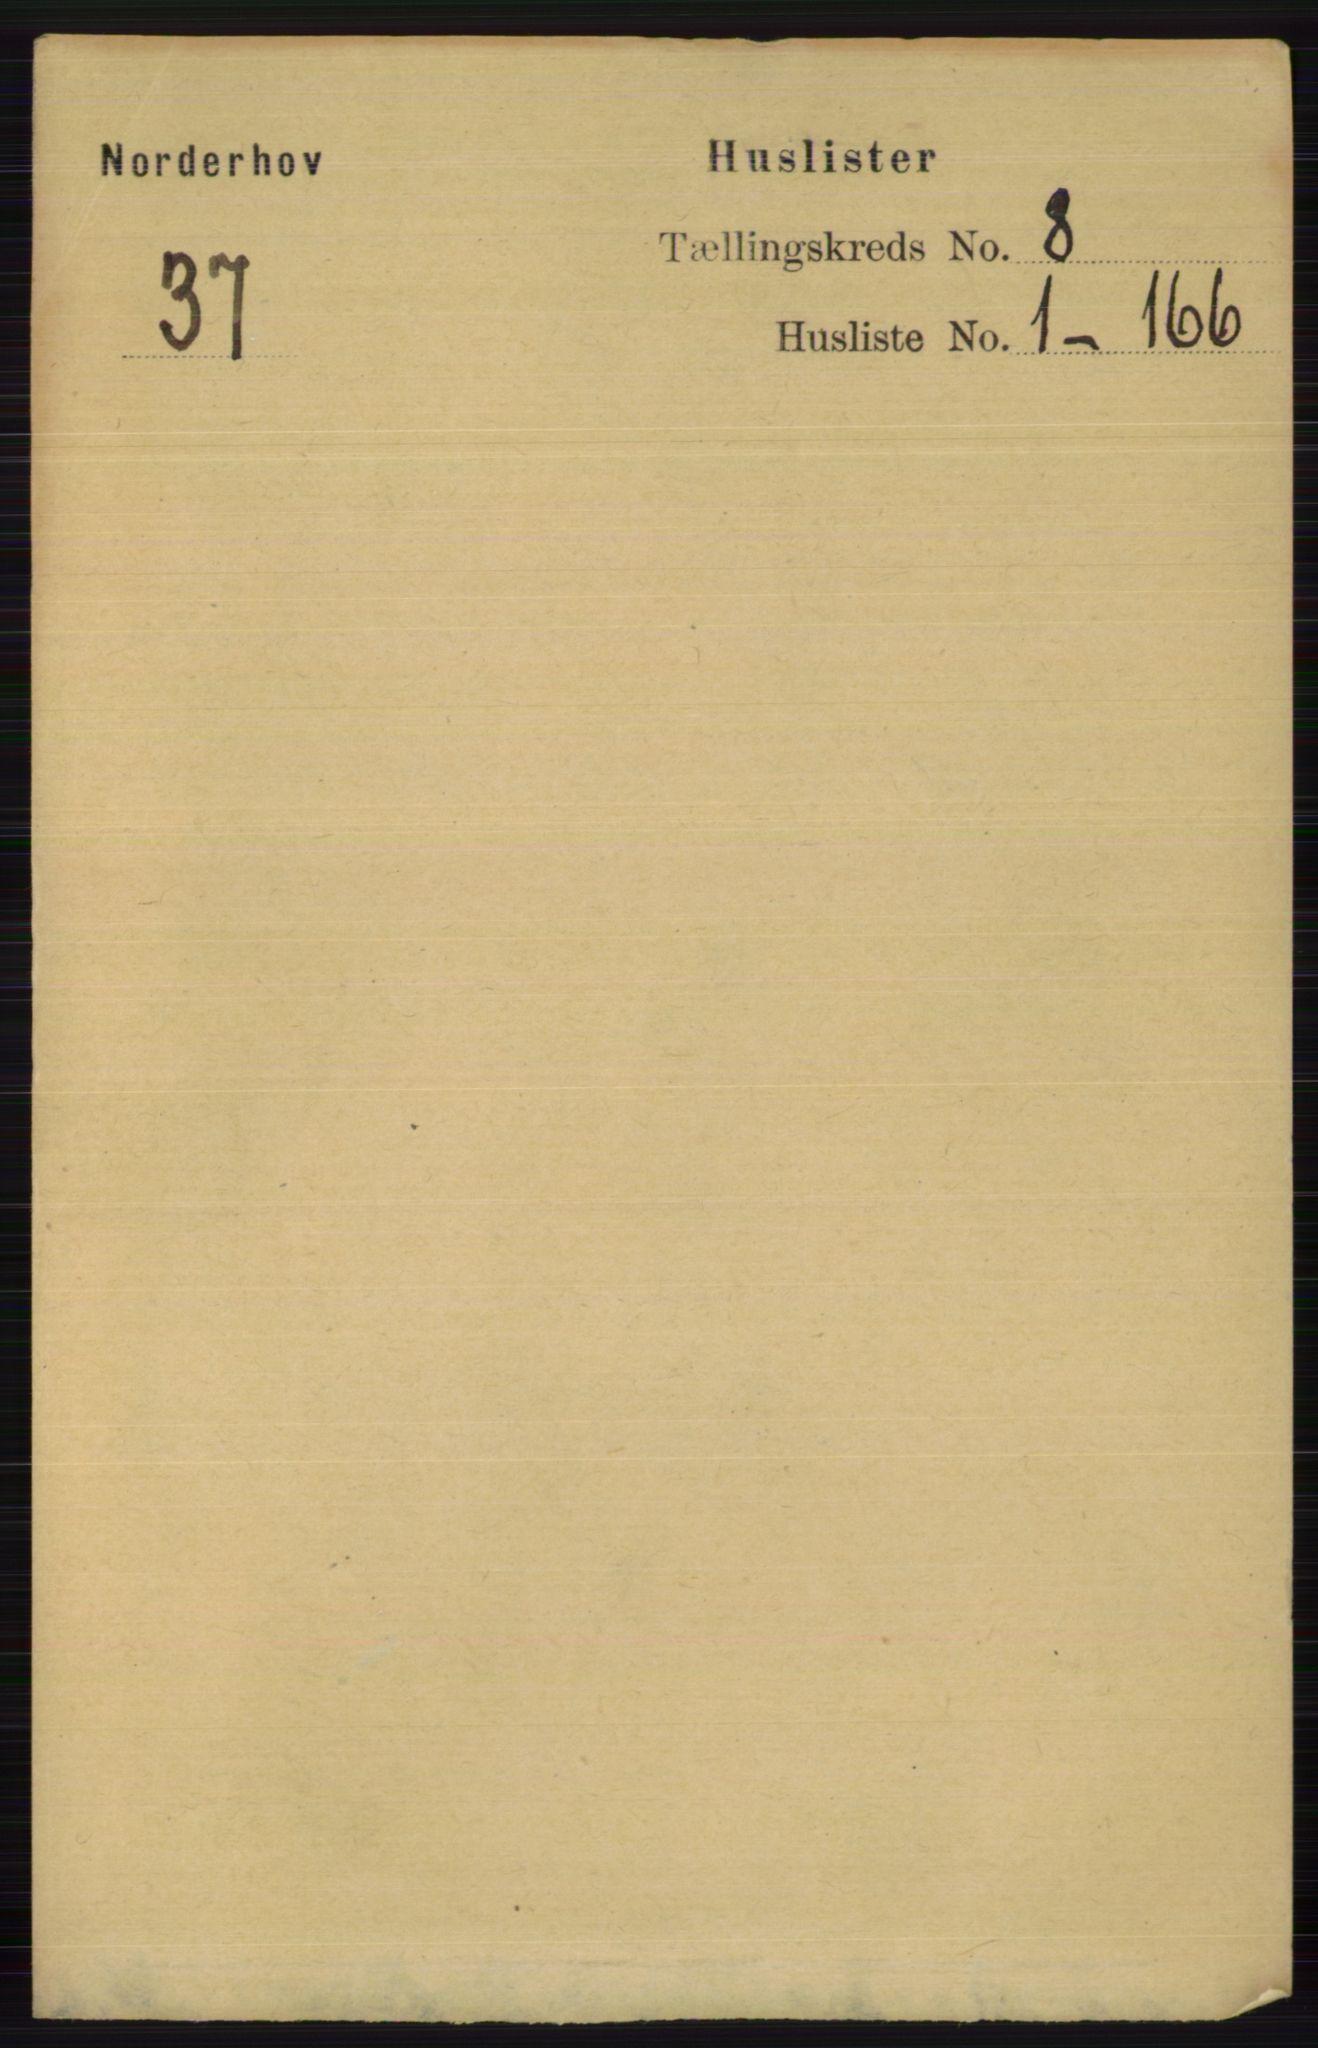 RA, Folketelling 1891 for 0613 Norderhov herred, 1891, s. 5389